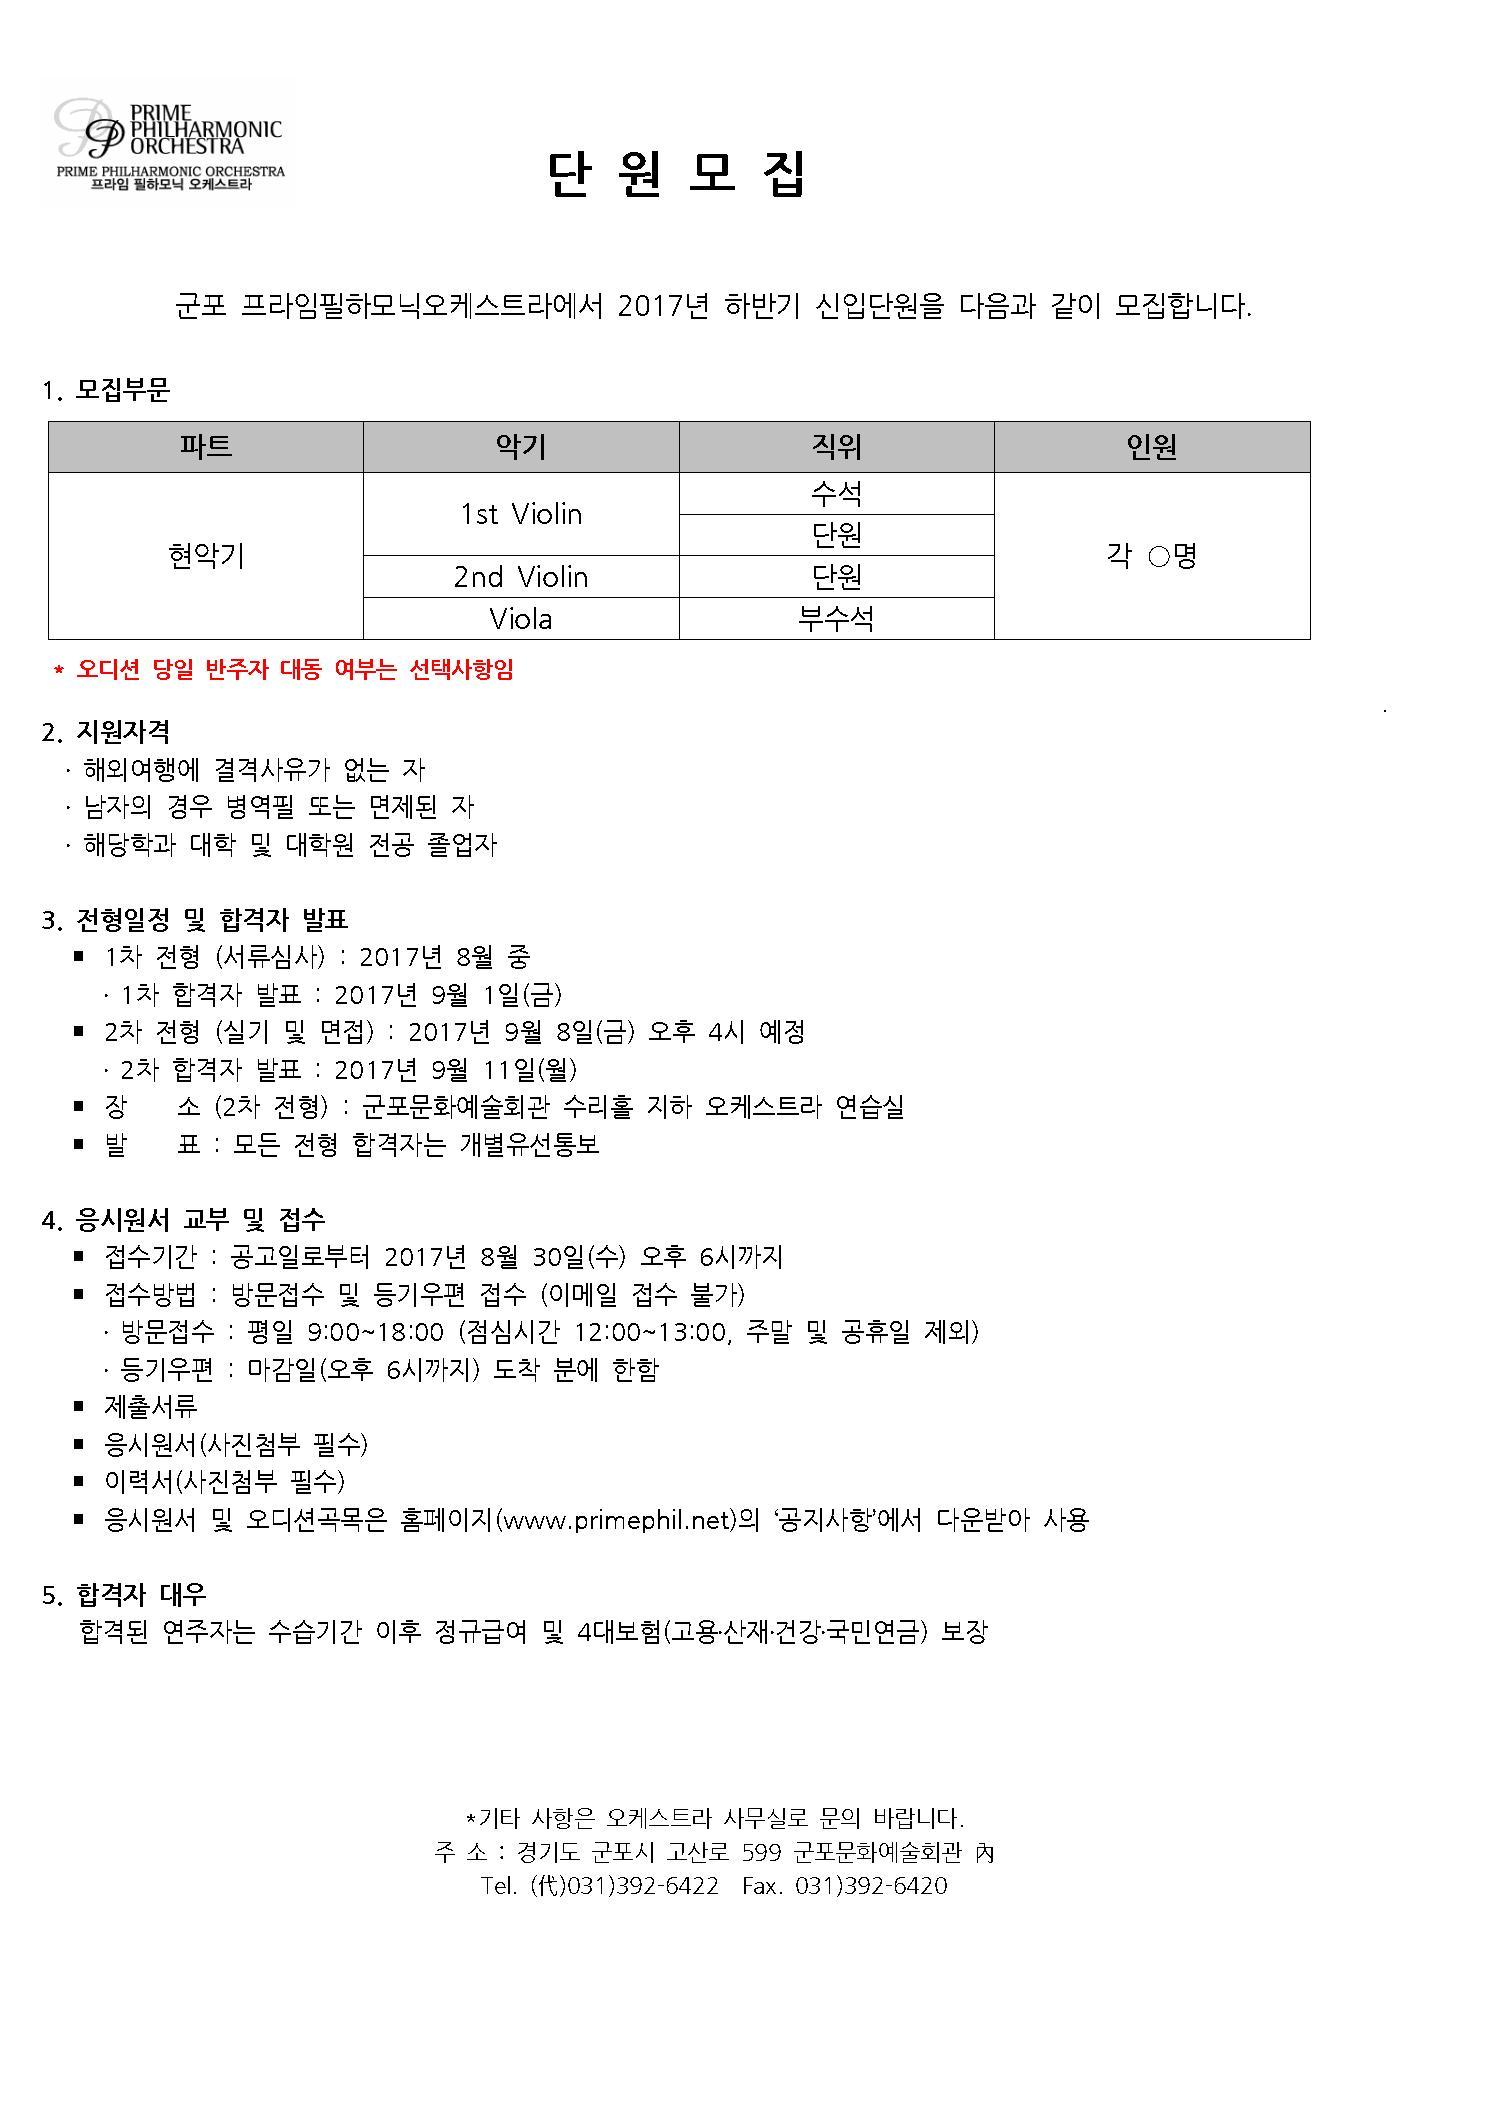 [프라임필] 2017 하반기 신입단원 모집.jpg